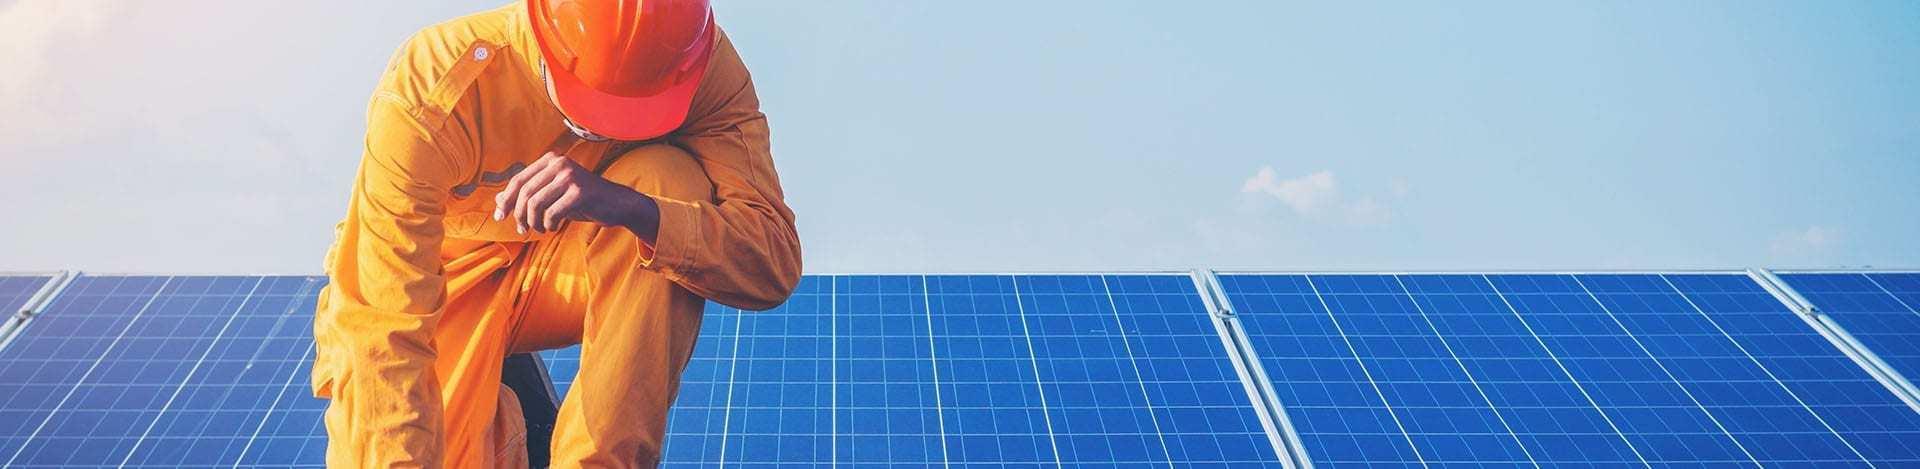 Instalar una solución para maximizar la eficiencia energética